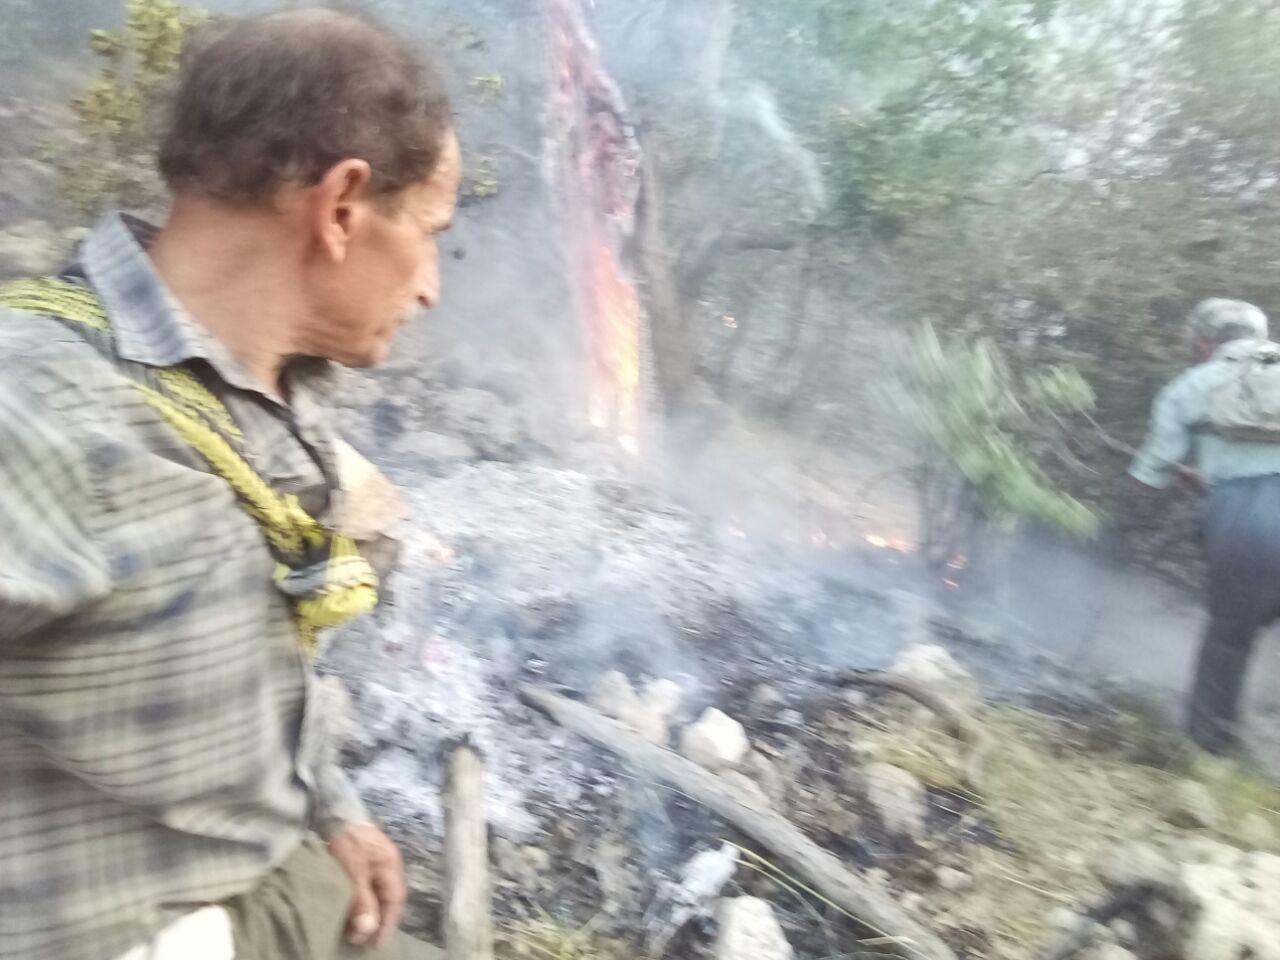 آتش سوزی در منطقه گت پهلوان و گزارش تصویری از اطفای حریق